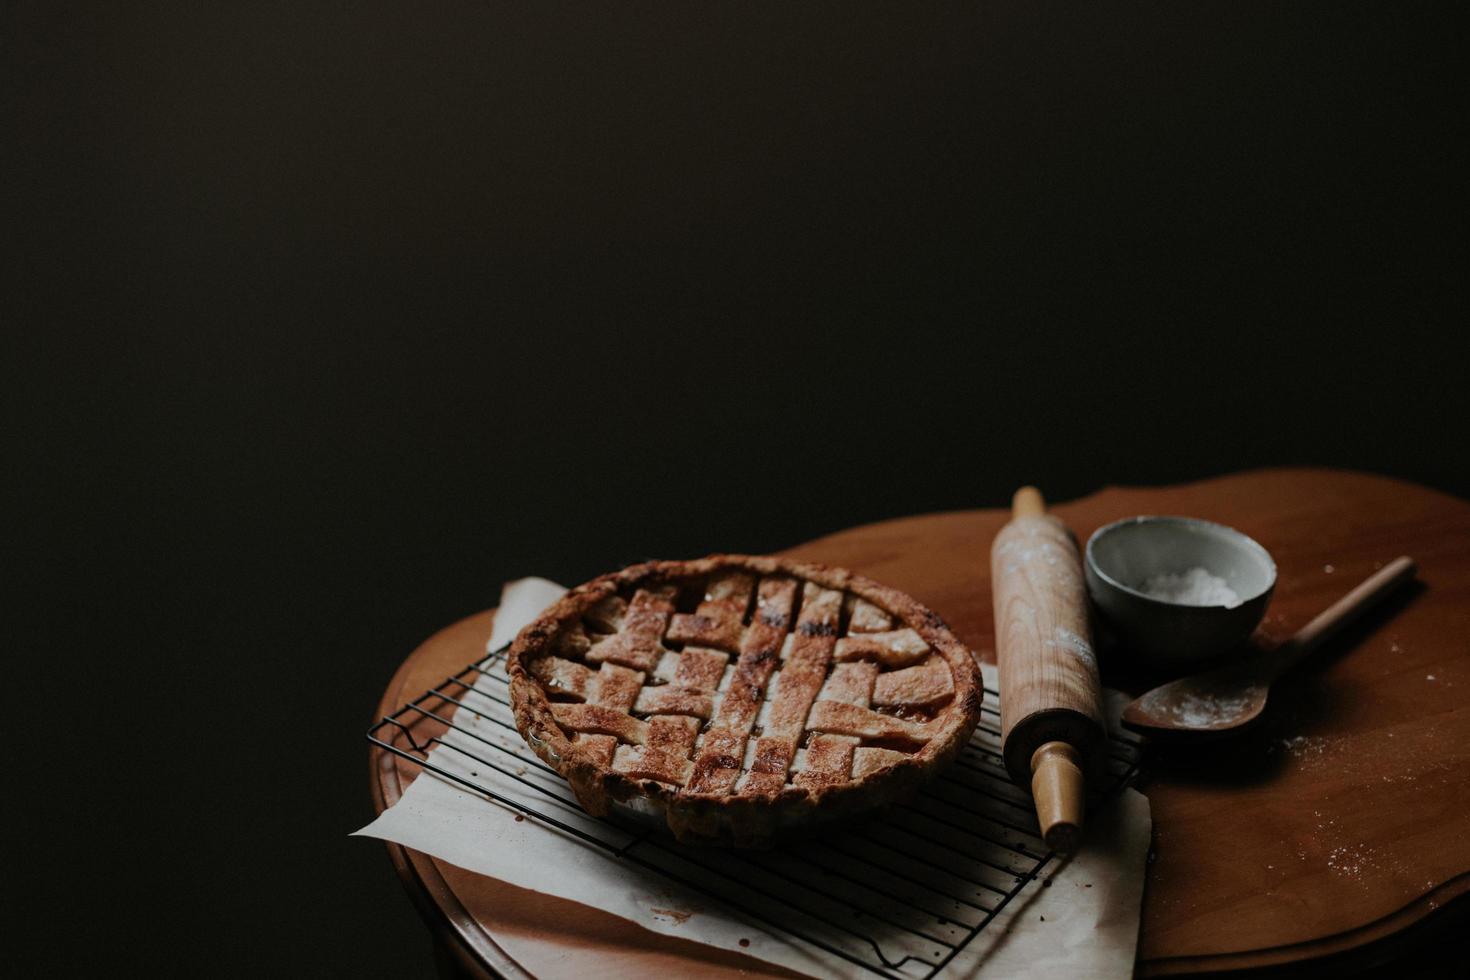 torta al forno sul tavolo su sfondo nero foto